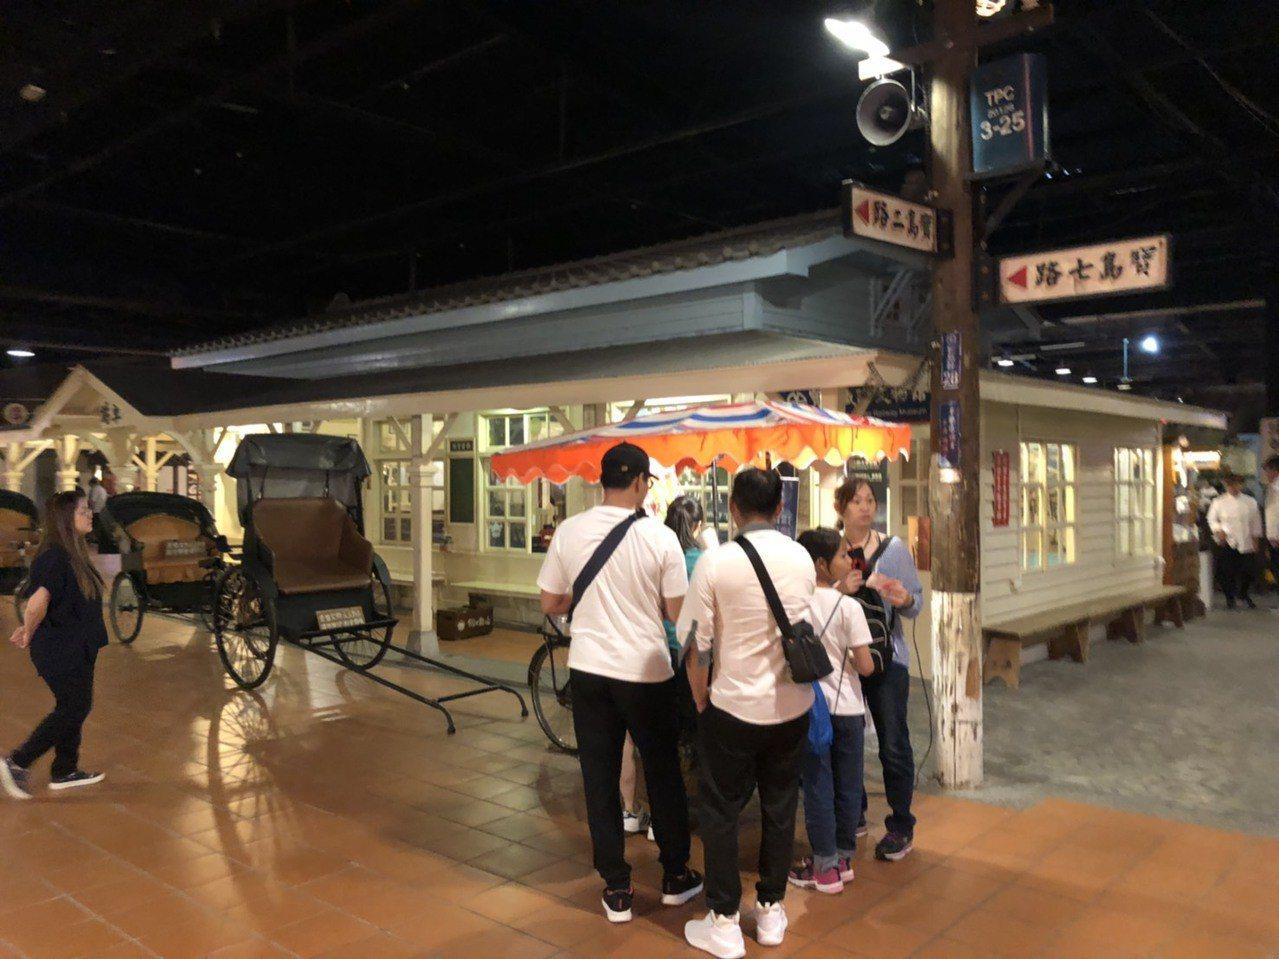 寶島時代村重新開幕,台灣早期生活懷舊景觀重現。記者江良誠/攝影